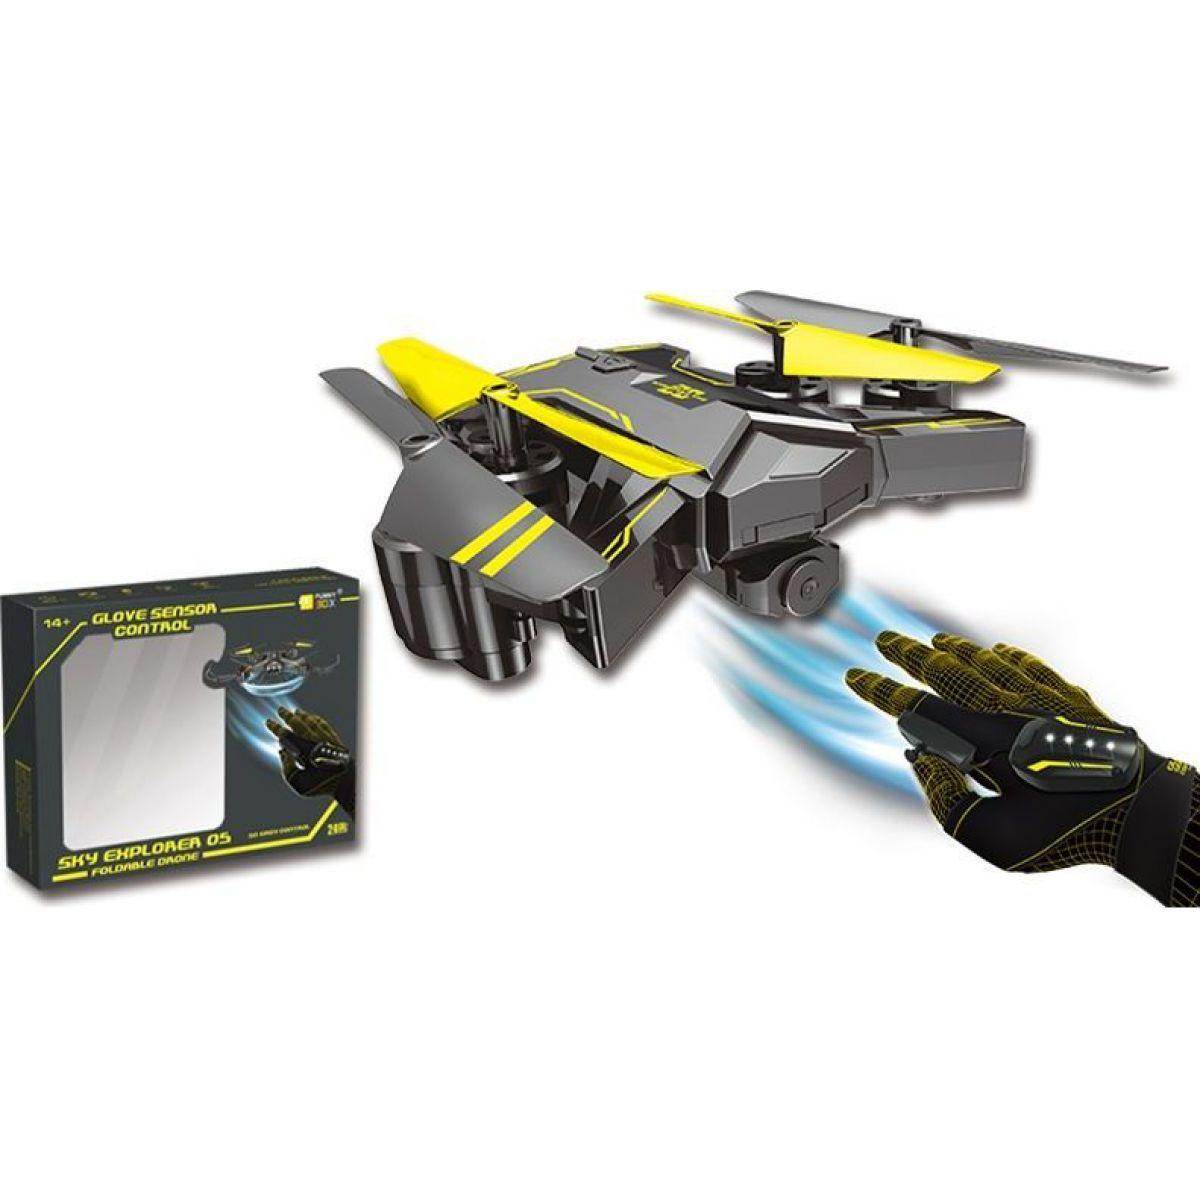 HM Studio Drone 2.4G